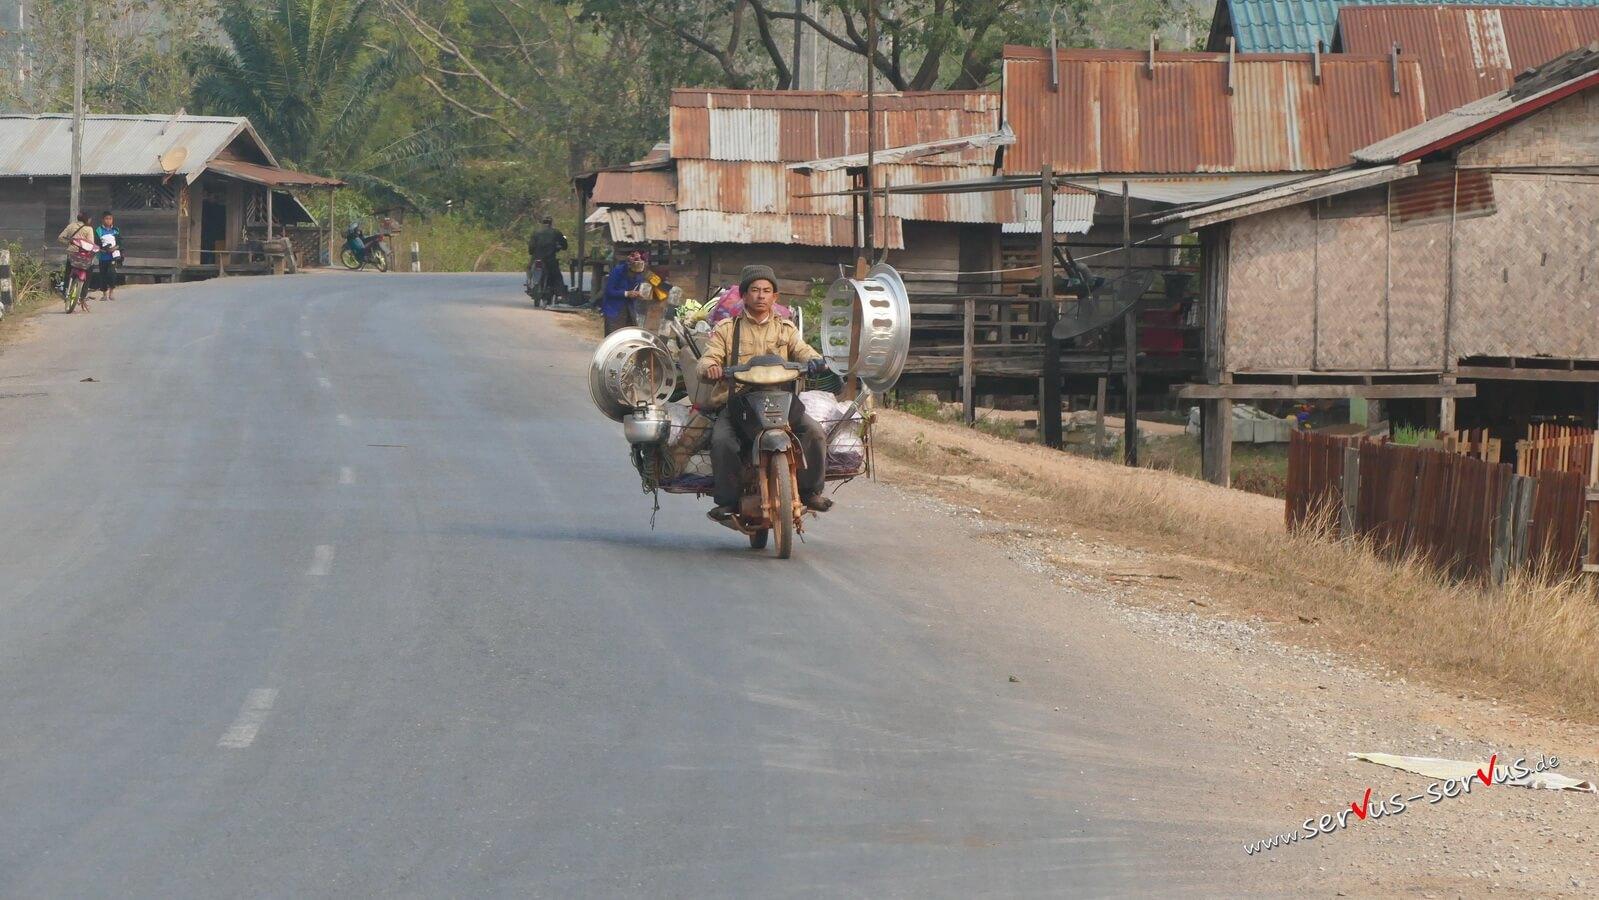 Händler auf dem Moped bei Viang Kham